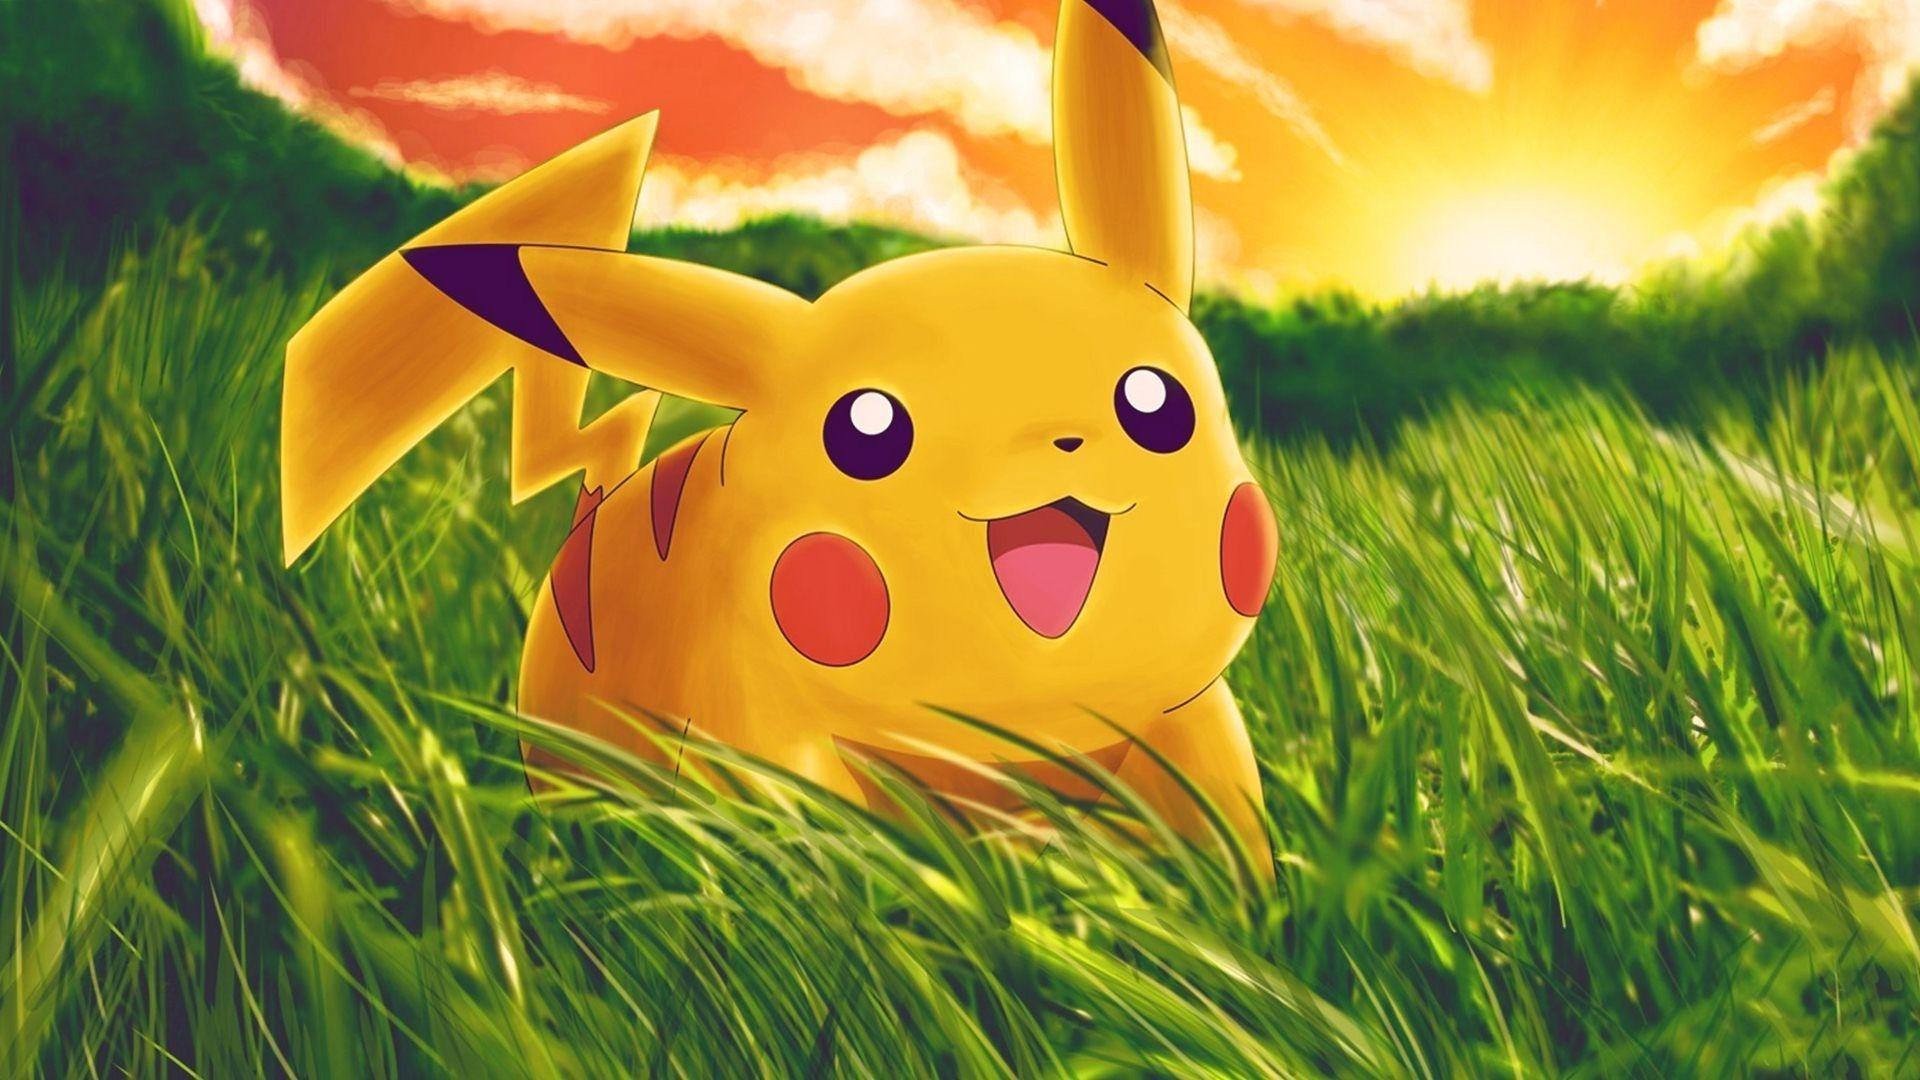 1920x1080 Pikachu hình nền - Wallpapercraft